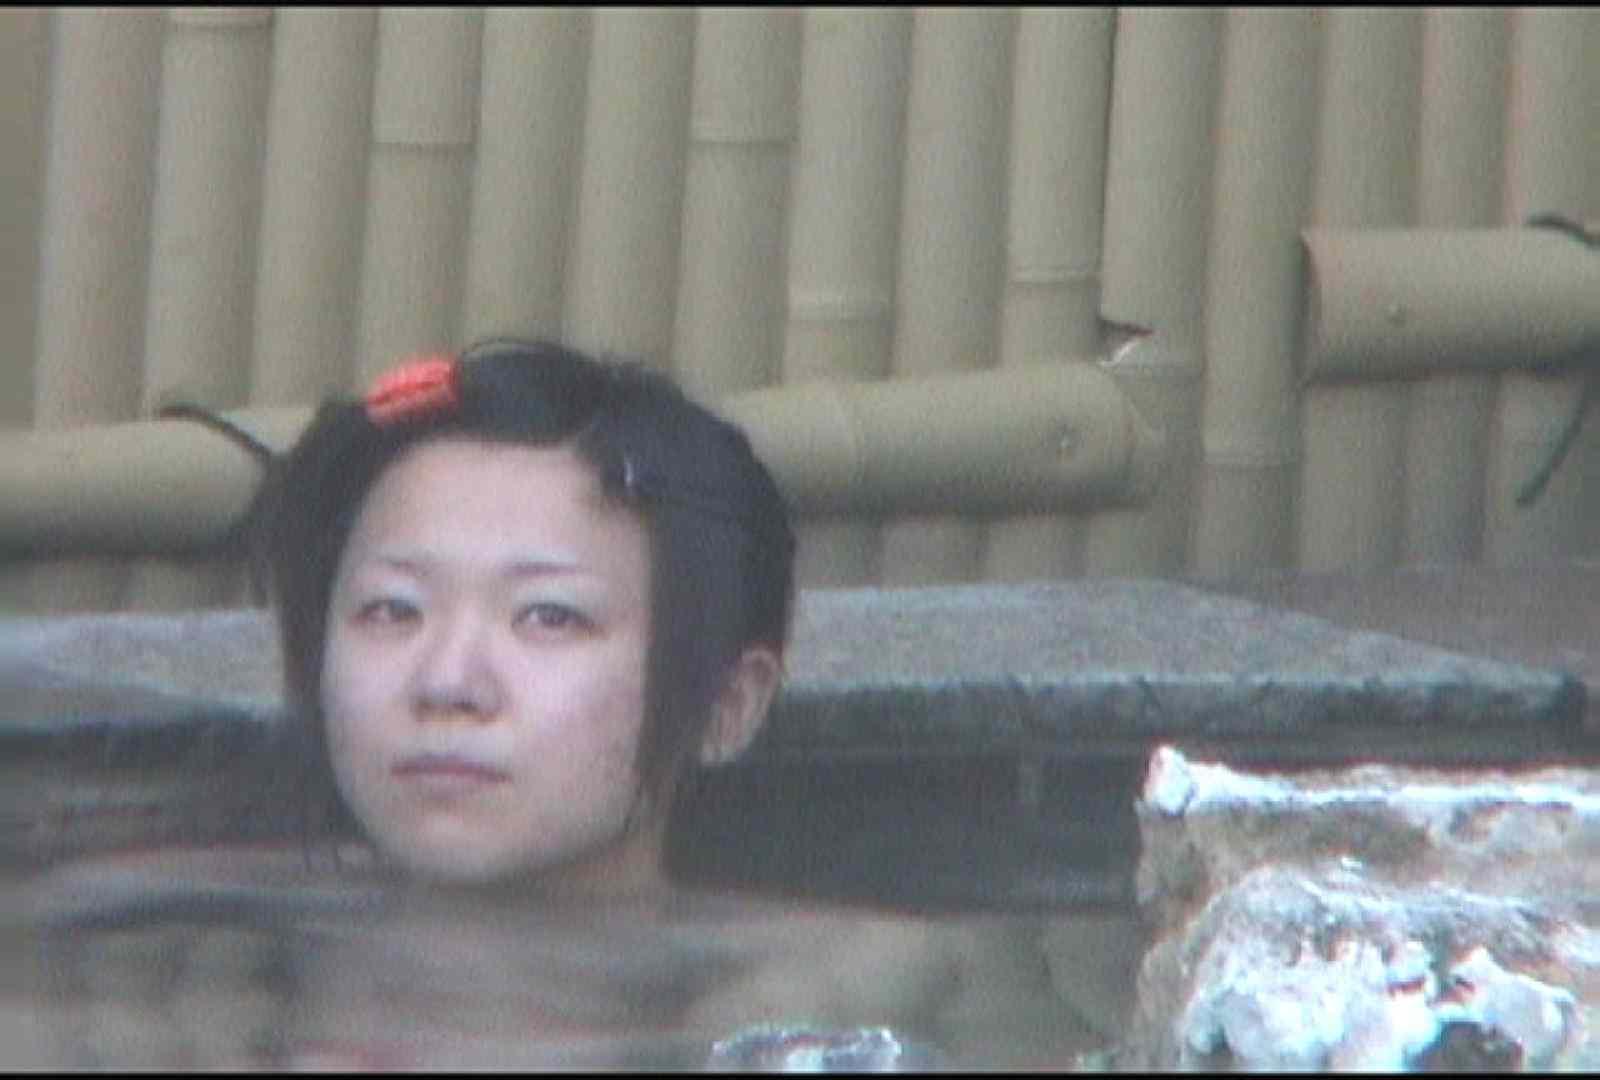 Aquaな露天風呂Vol.175 OLのプライベート おまんこ動画流出 13pic 8